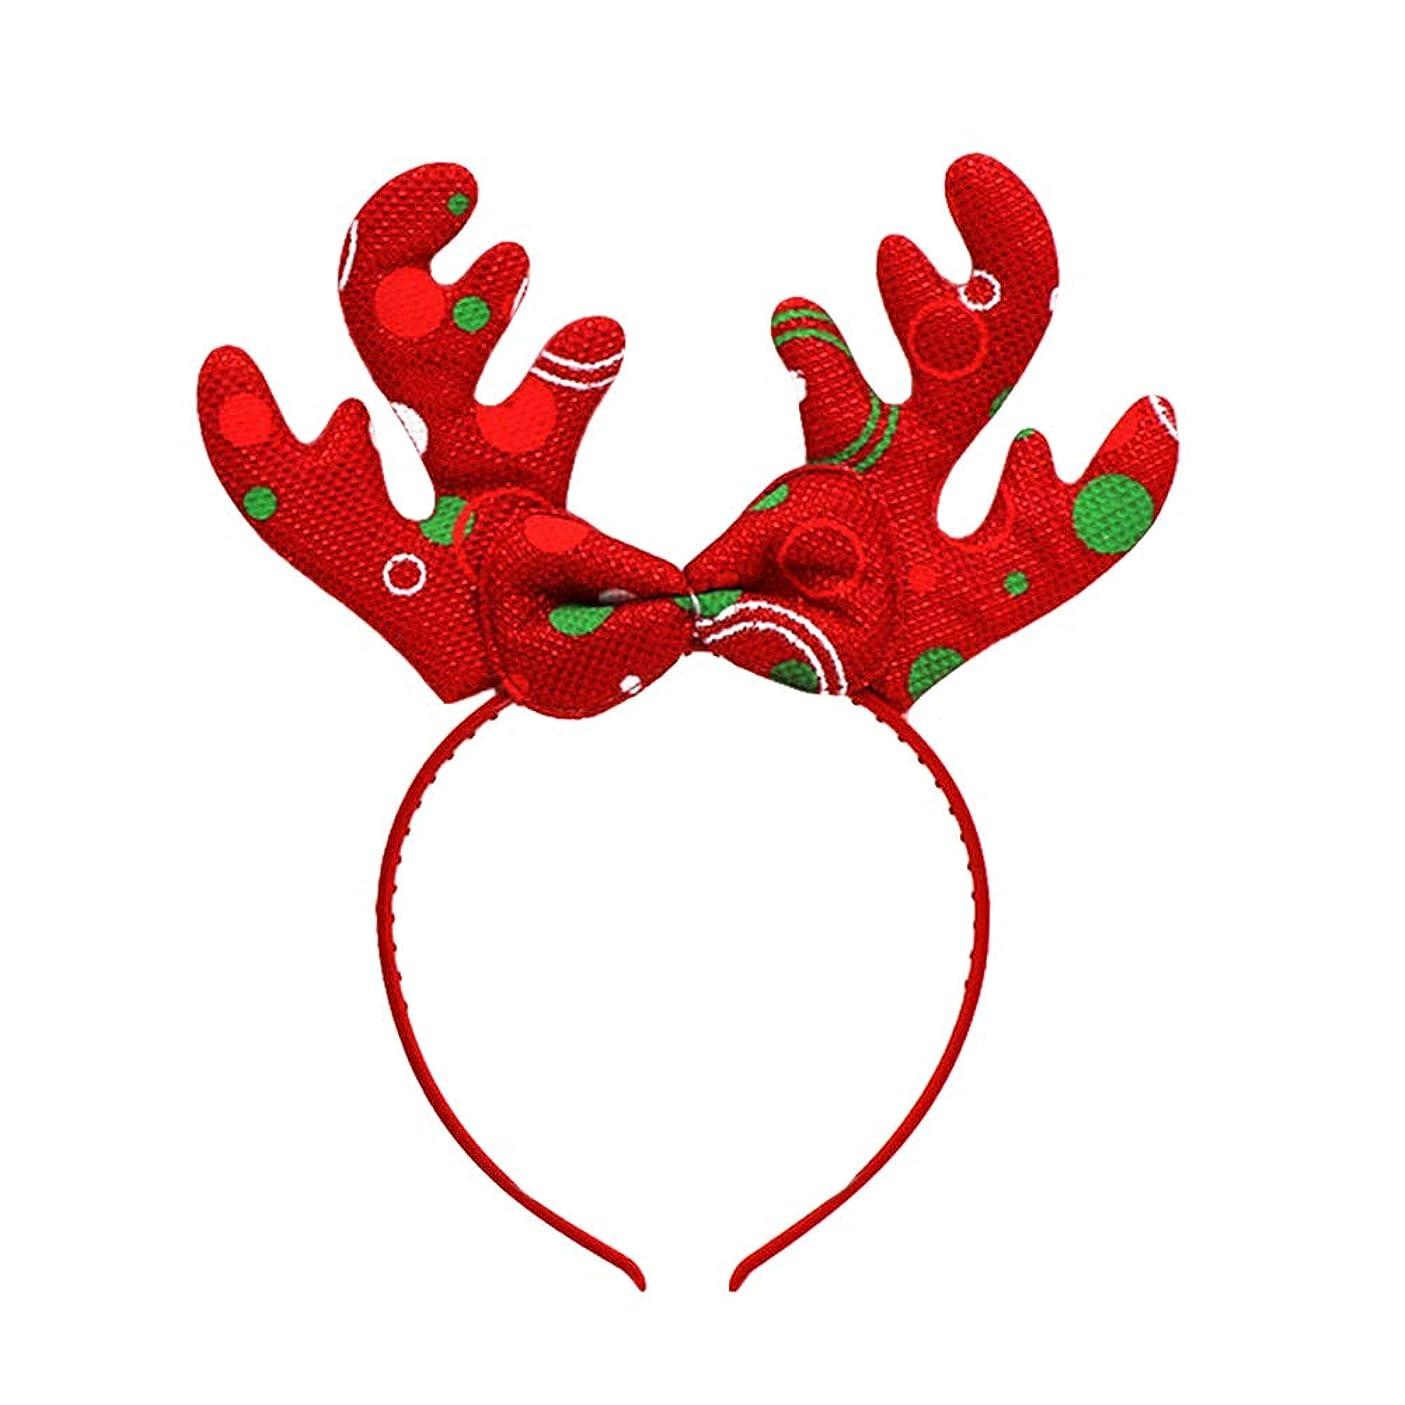 タックオデュッセウス星BESTOYARD トナカイアントラーズヘッドバンドクリスマスデコレーションヘッドドレスヘアフープコスチュームヘアアクセサリー(ランダムカラー)